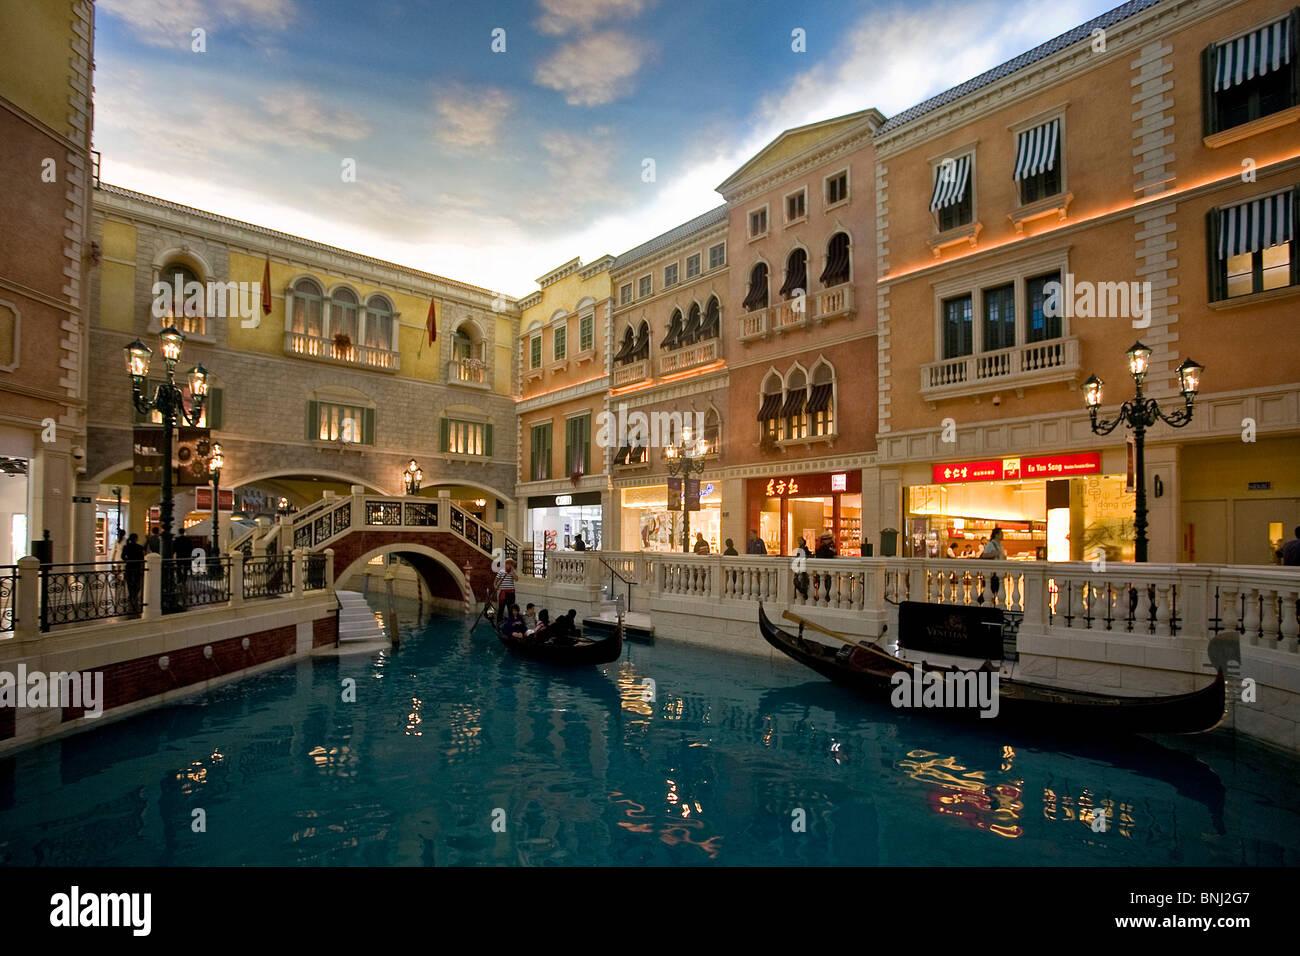 China Macao Macau Stadt Venetian Casino Casino Venedig Simulation Kanal Kanal Brücke Gondeln Stockbild